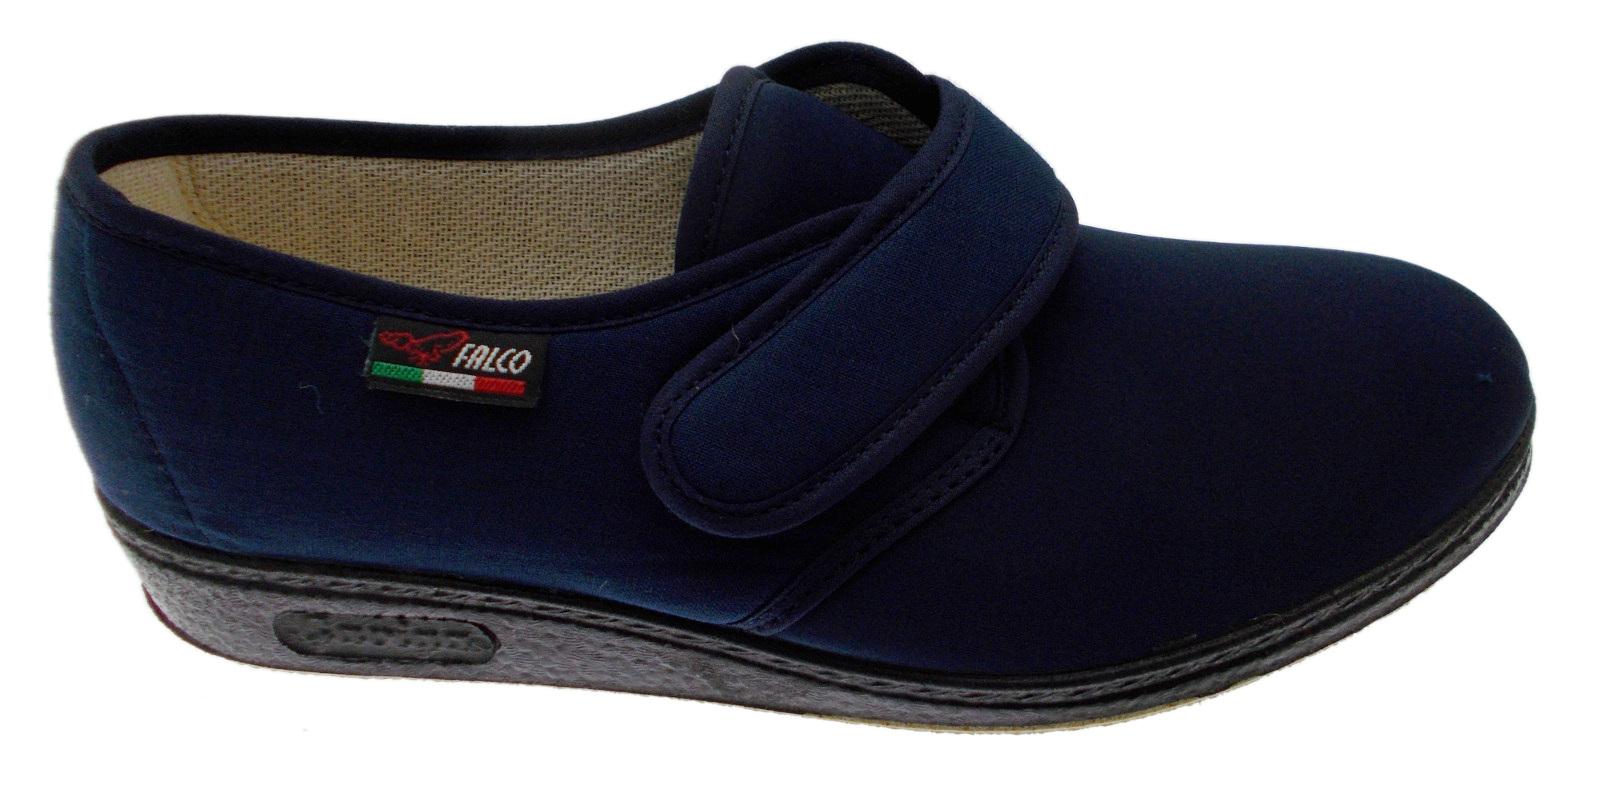 Fisioterapia Articolo Extra Slipper Blue Cotton Large 193 Gaviga Velcro Stretch n44qIZ